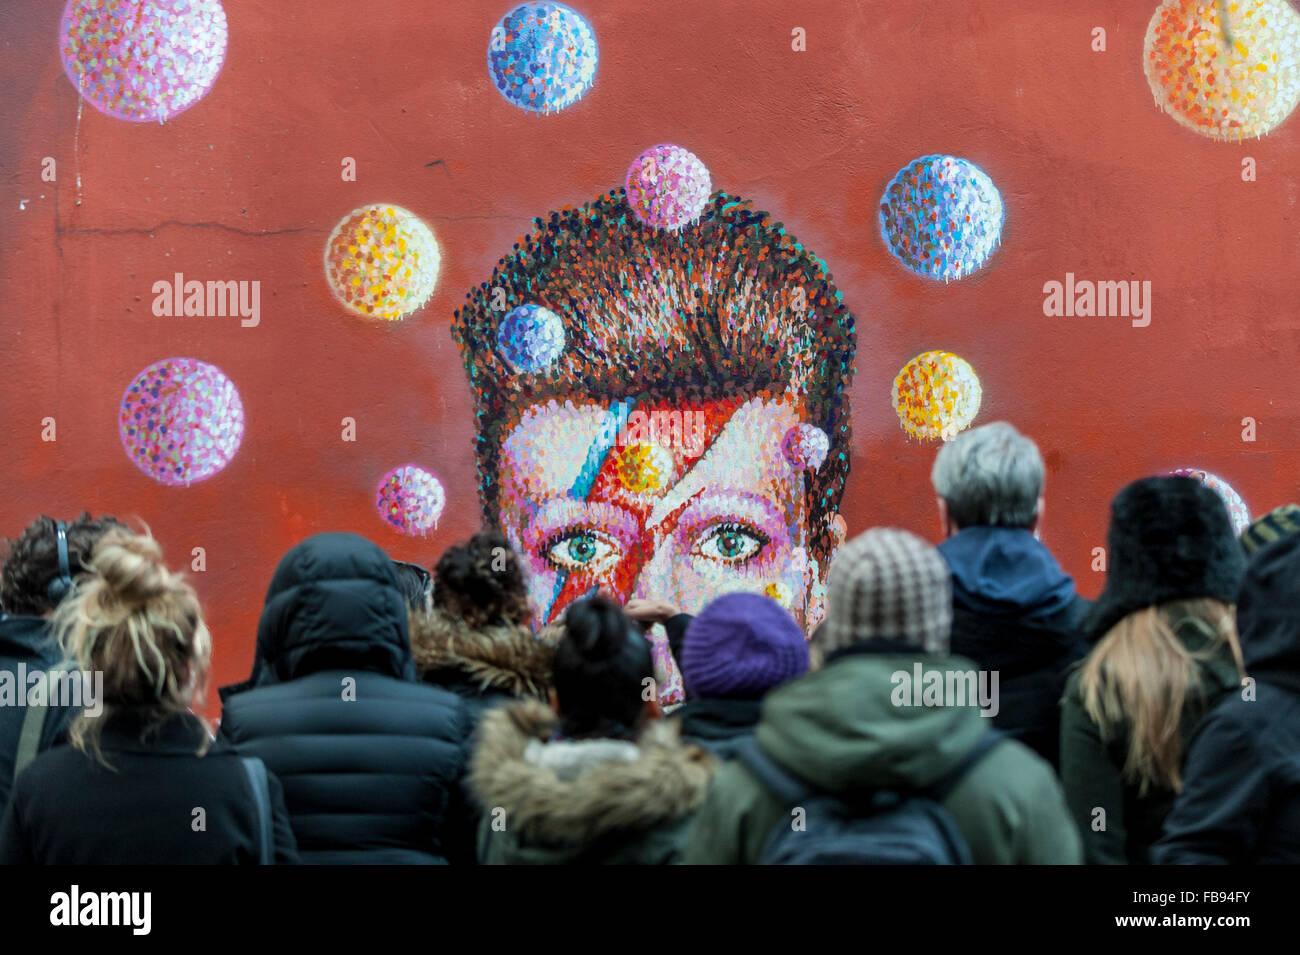 Londres, Reino Unido. 12 de enero de 2016. Ventiladores continúan a visitar el mural de David Bowie en Brixton Imagen De Stock